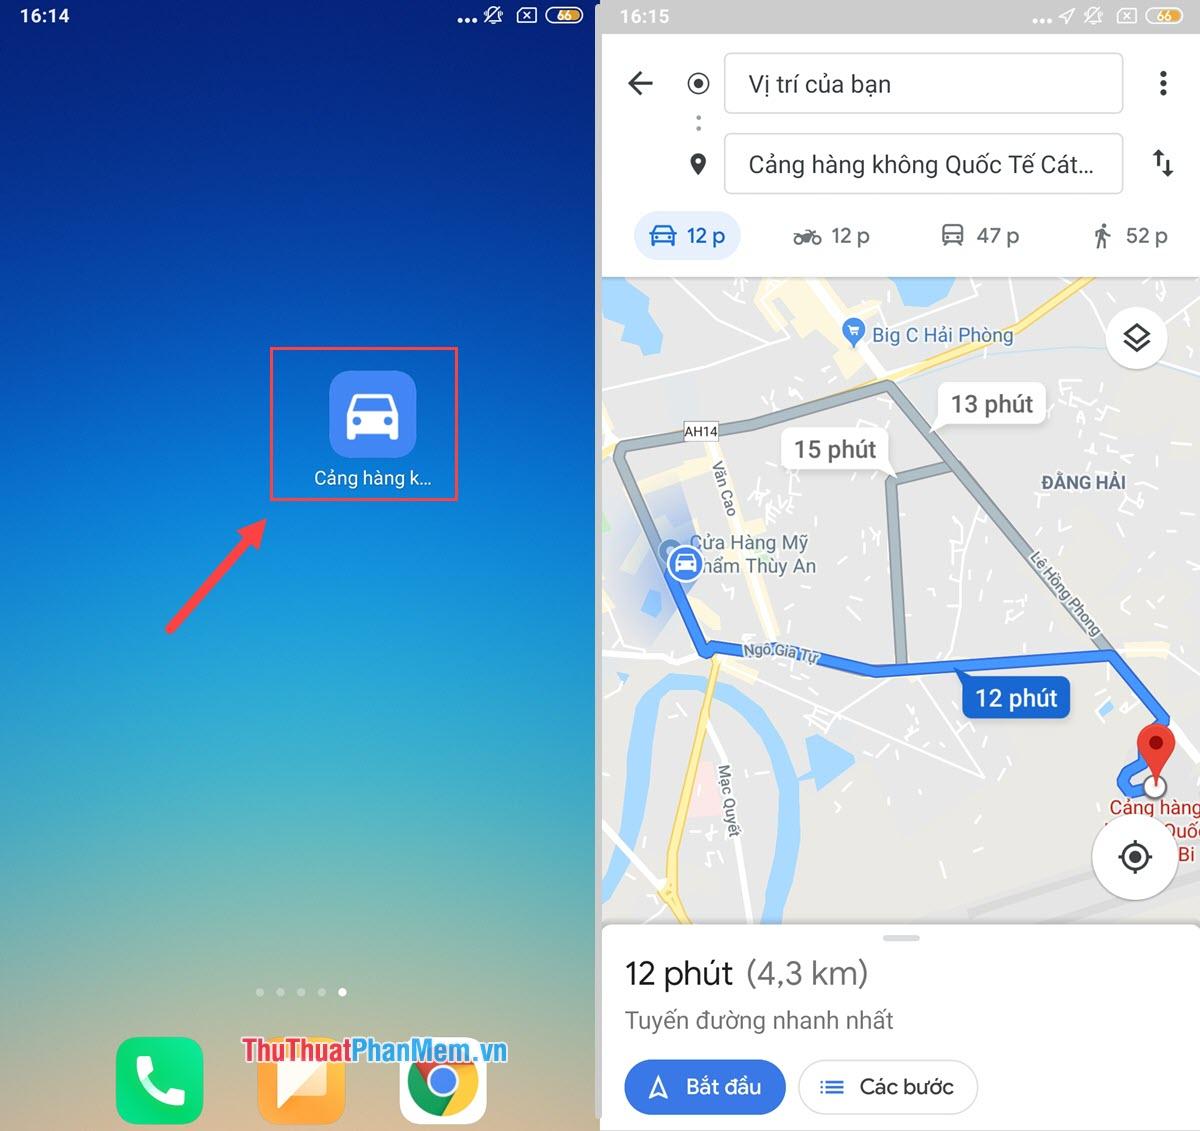 Bạn có thể nhấn vào biểu tượng chỉ đường để sử dụng Google khi không có kết nối Internet